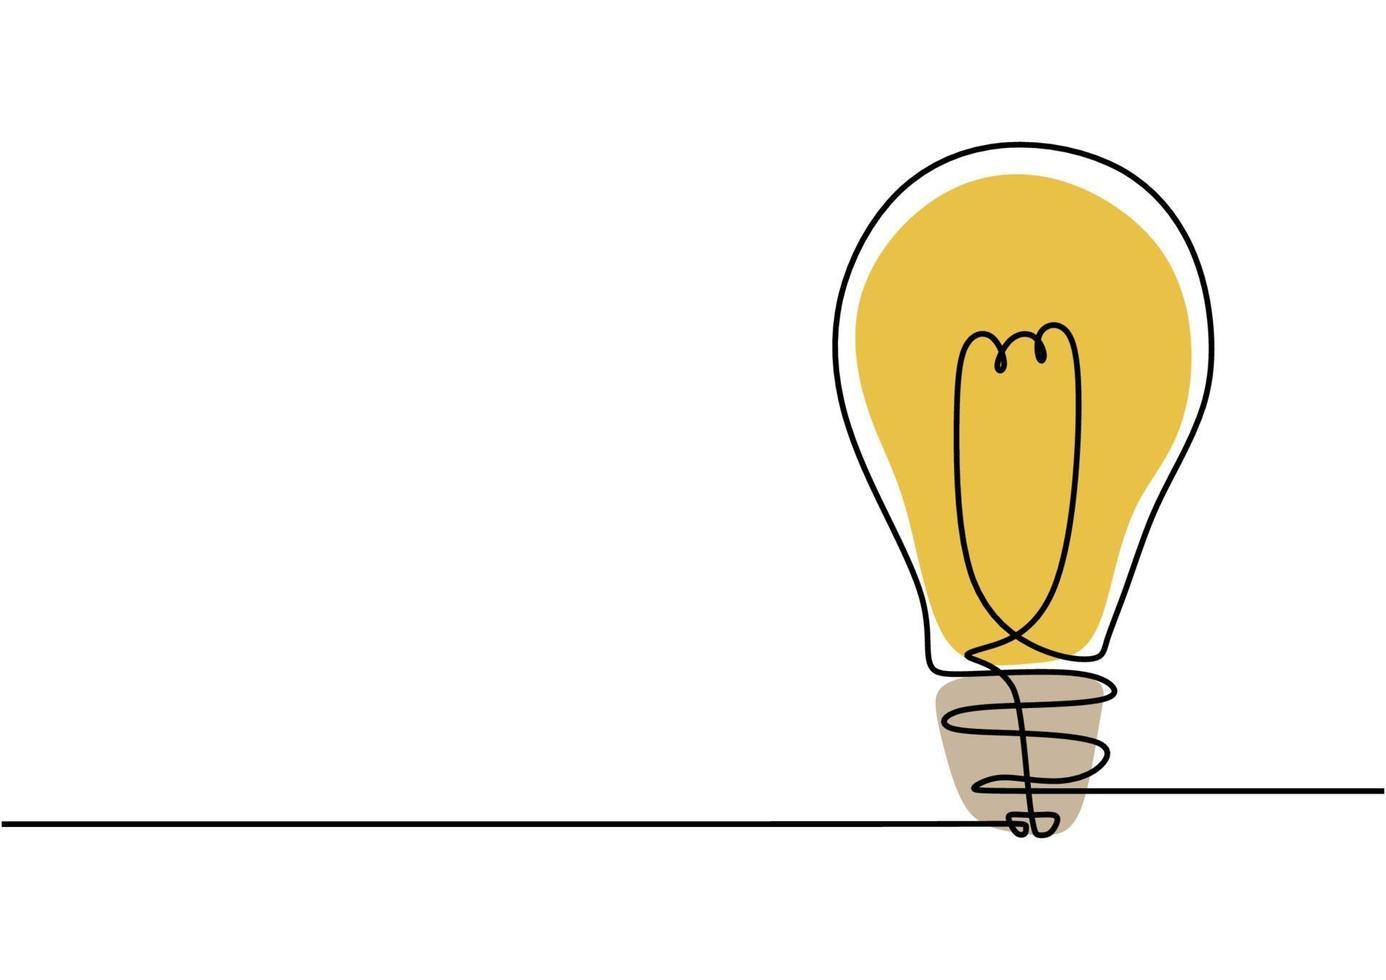 lâmpada, símbolo de desenho de uma linha de criatividade vetor